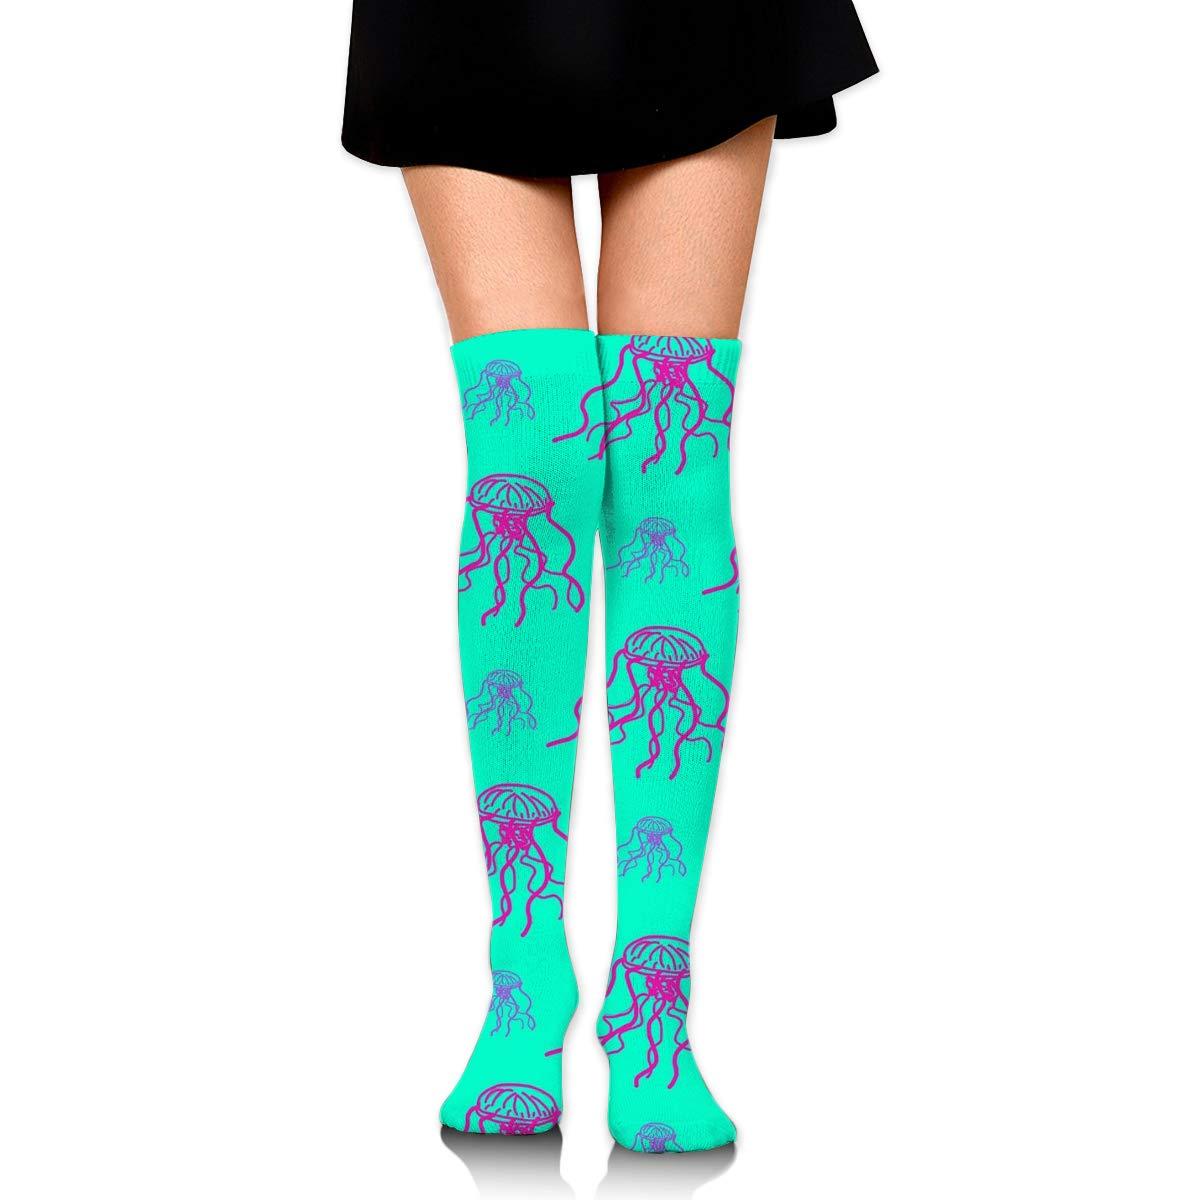 Kjaoi Girl Skirt Socks Uniform Red Jellyfish Pattern Women Tube Socks Compression Socks